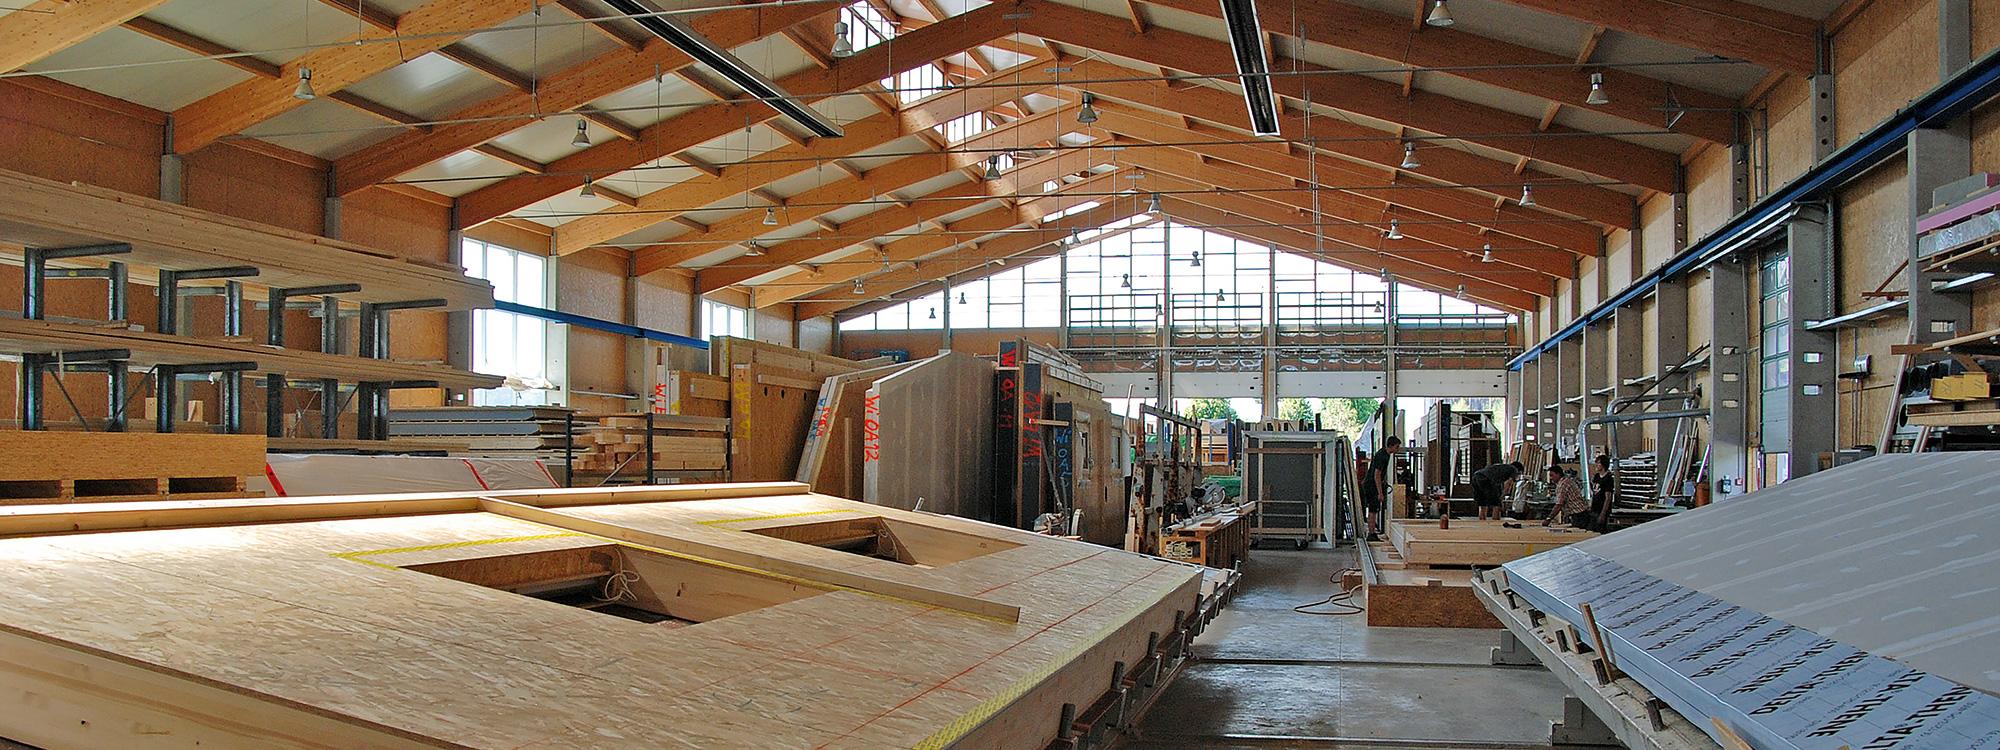 Unser Werk in Roding: Die Gruber Naturholzhausmanufaktur